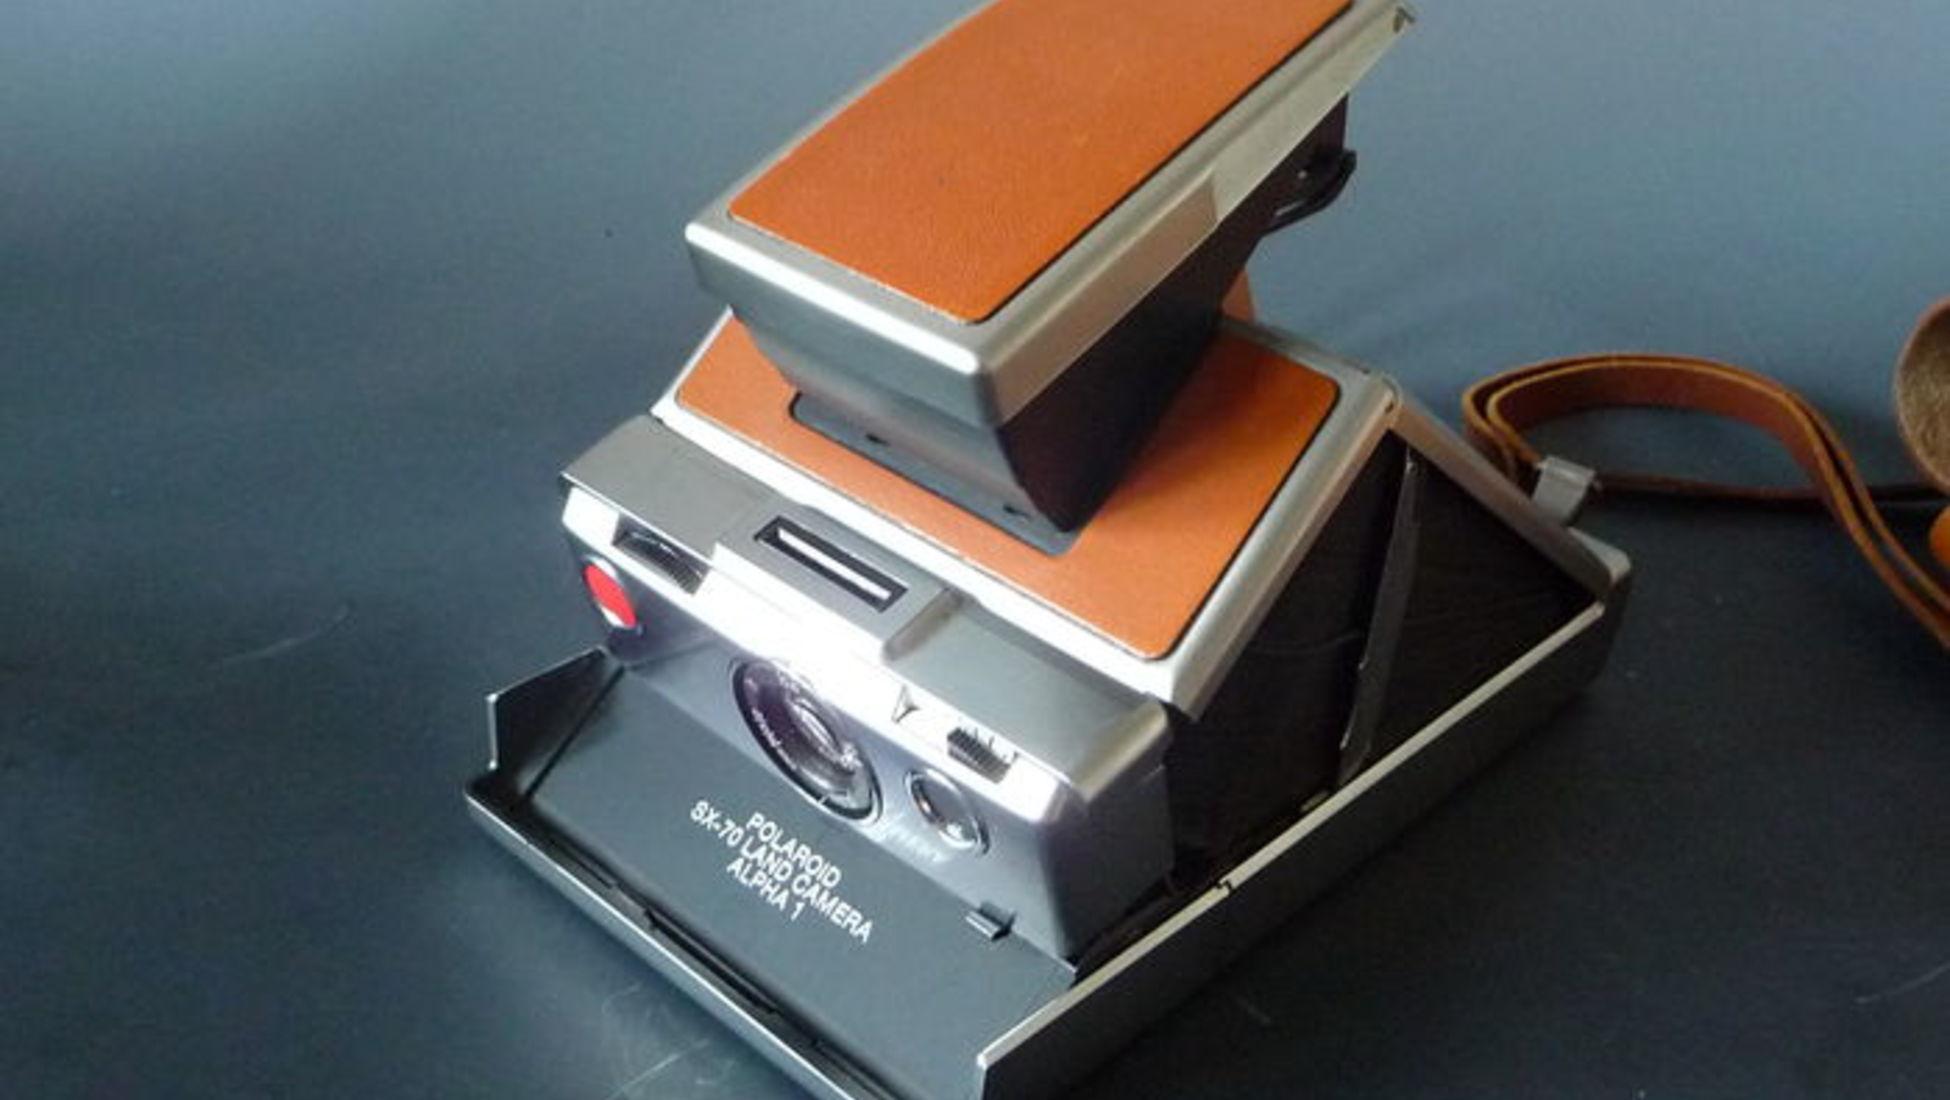 Polaroid - Modelo 110A com lente obturador alemão - 350 € A característica  que torna esta máquina fotográfica única é a capacidade de ajustar o tempo e  a ... a8495c3f19